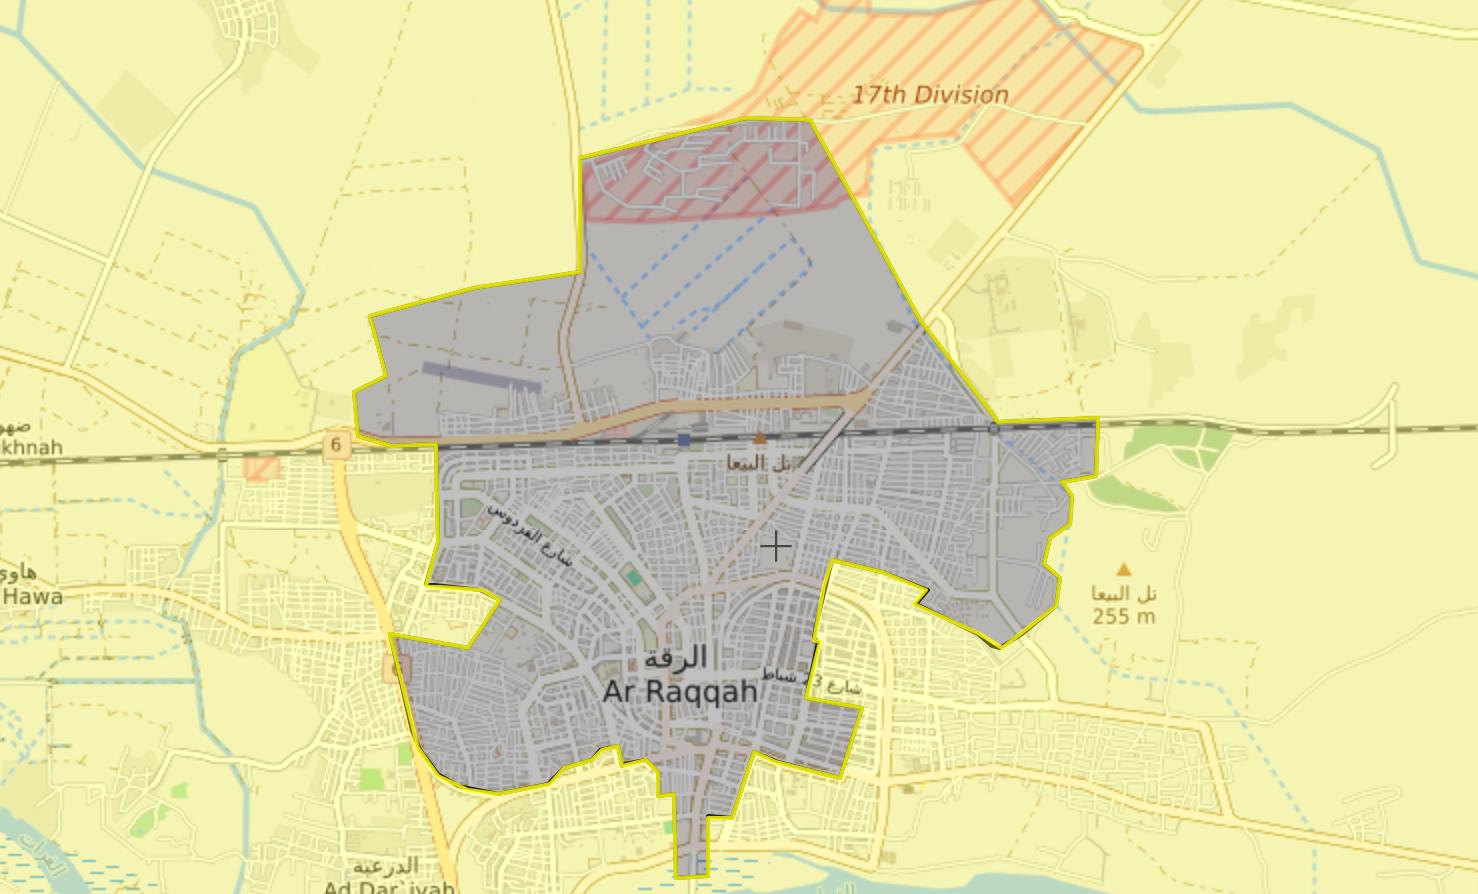 خريطة السيطرة في مدينة الرقة - 9 آب 2017 (Livemap)